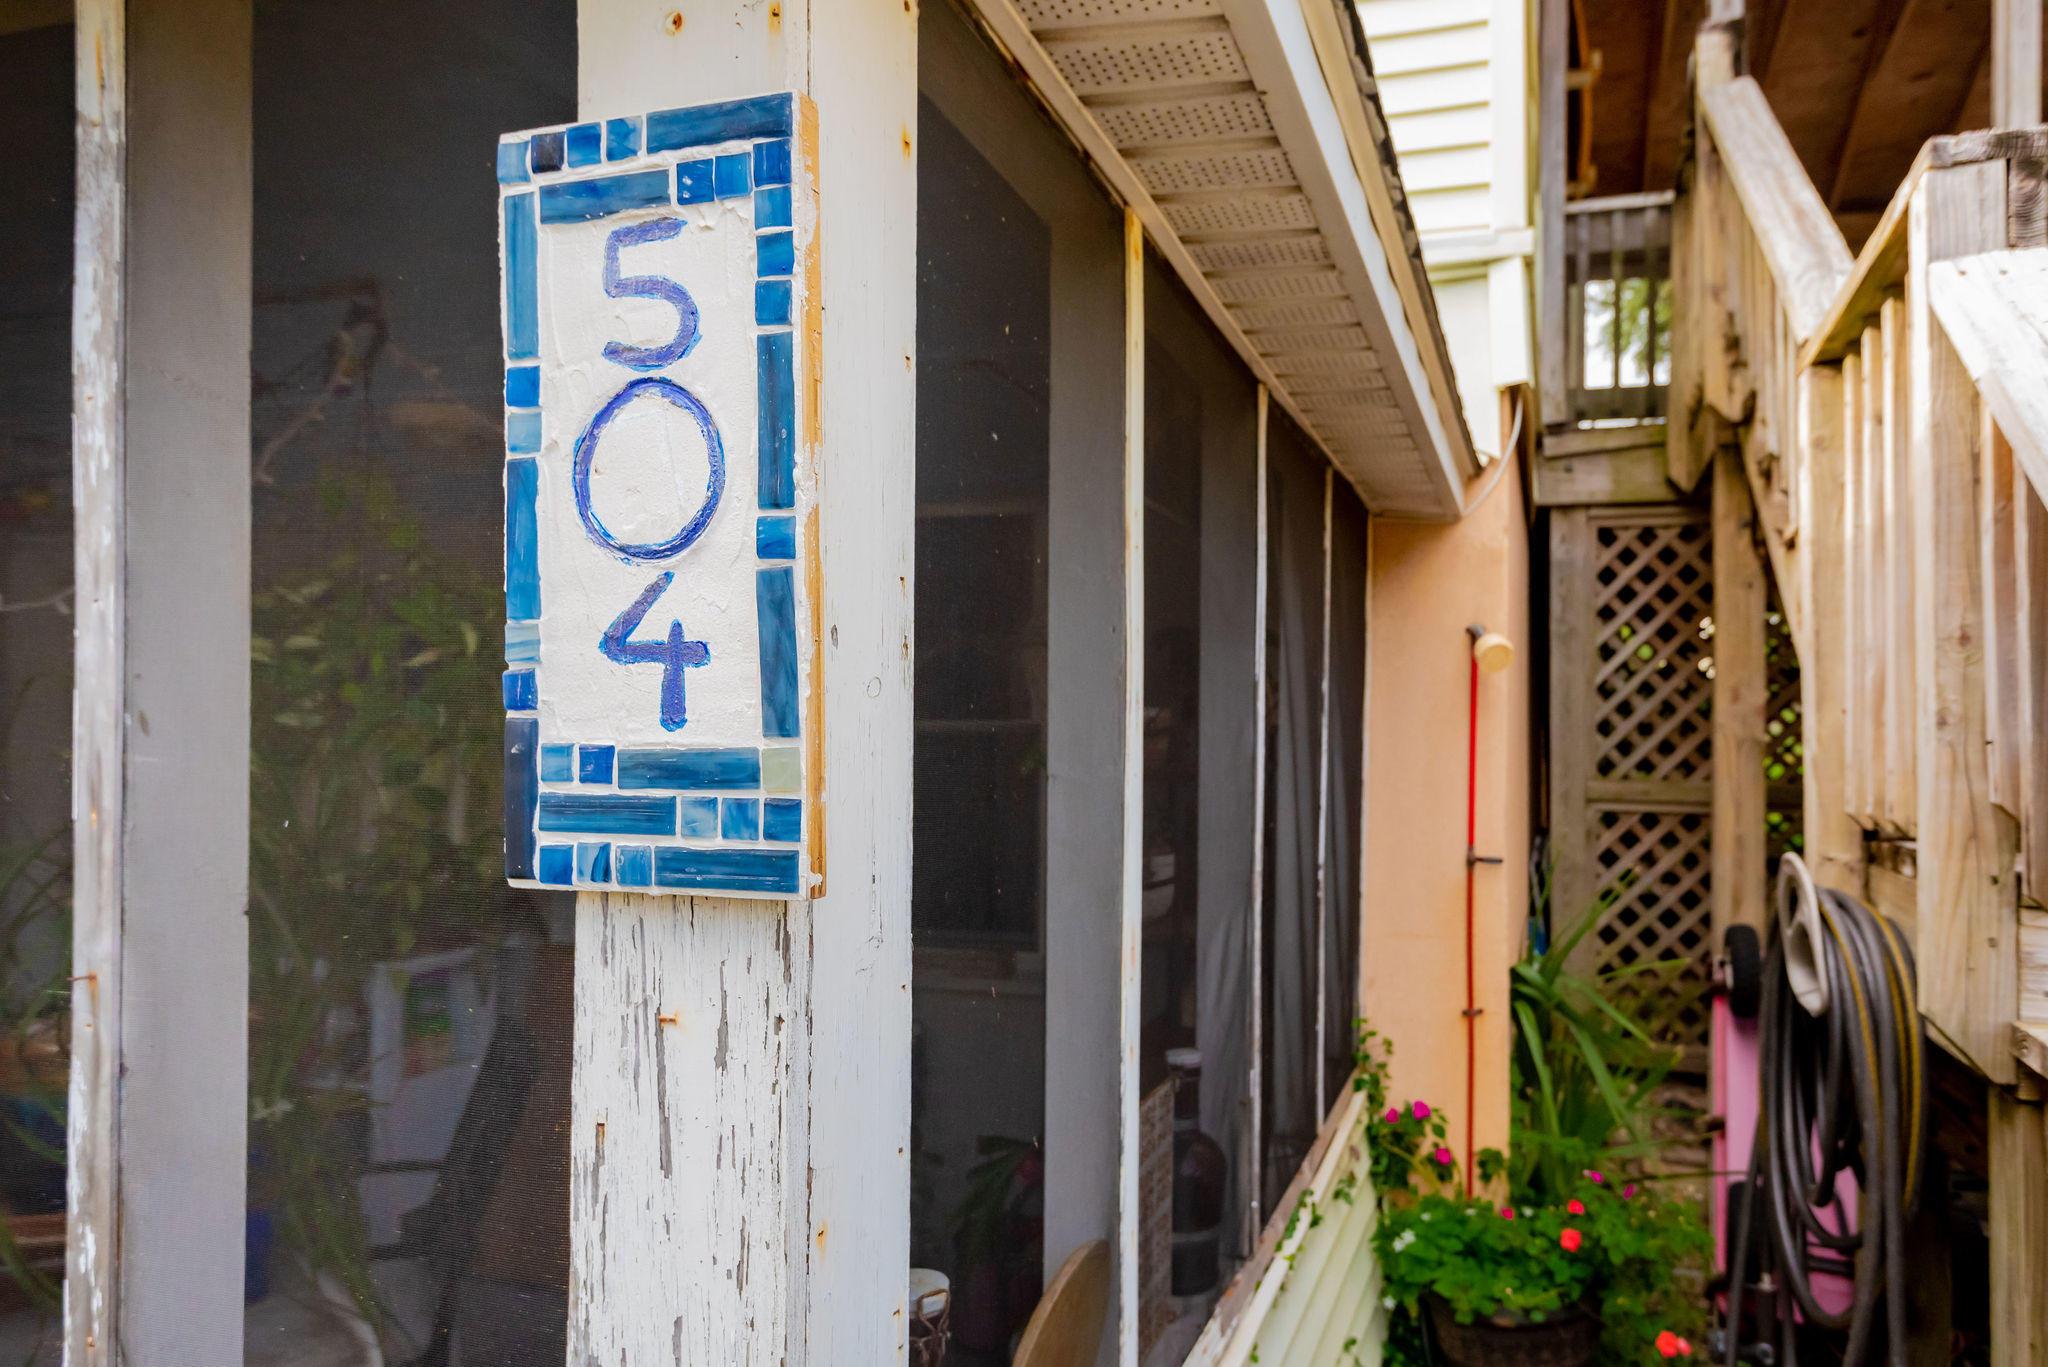 Folly Beach Homes For Sale - 504 Ashley, Folly Beach, SC - 8